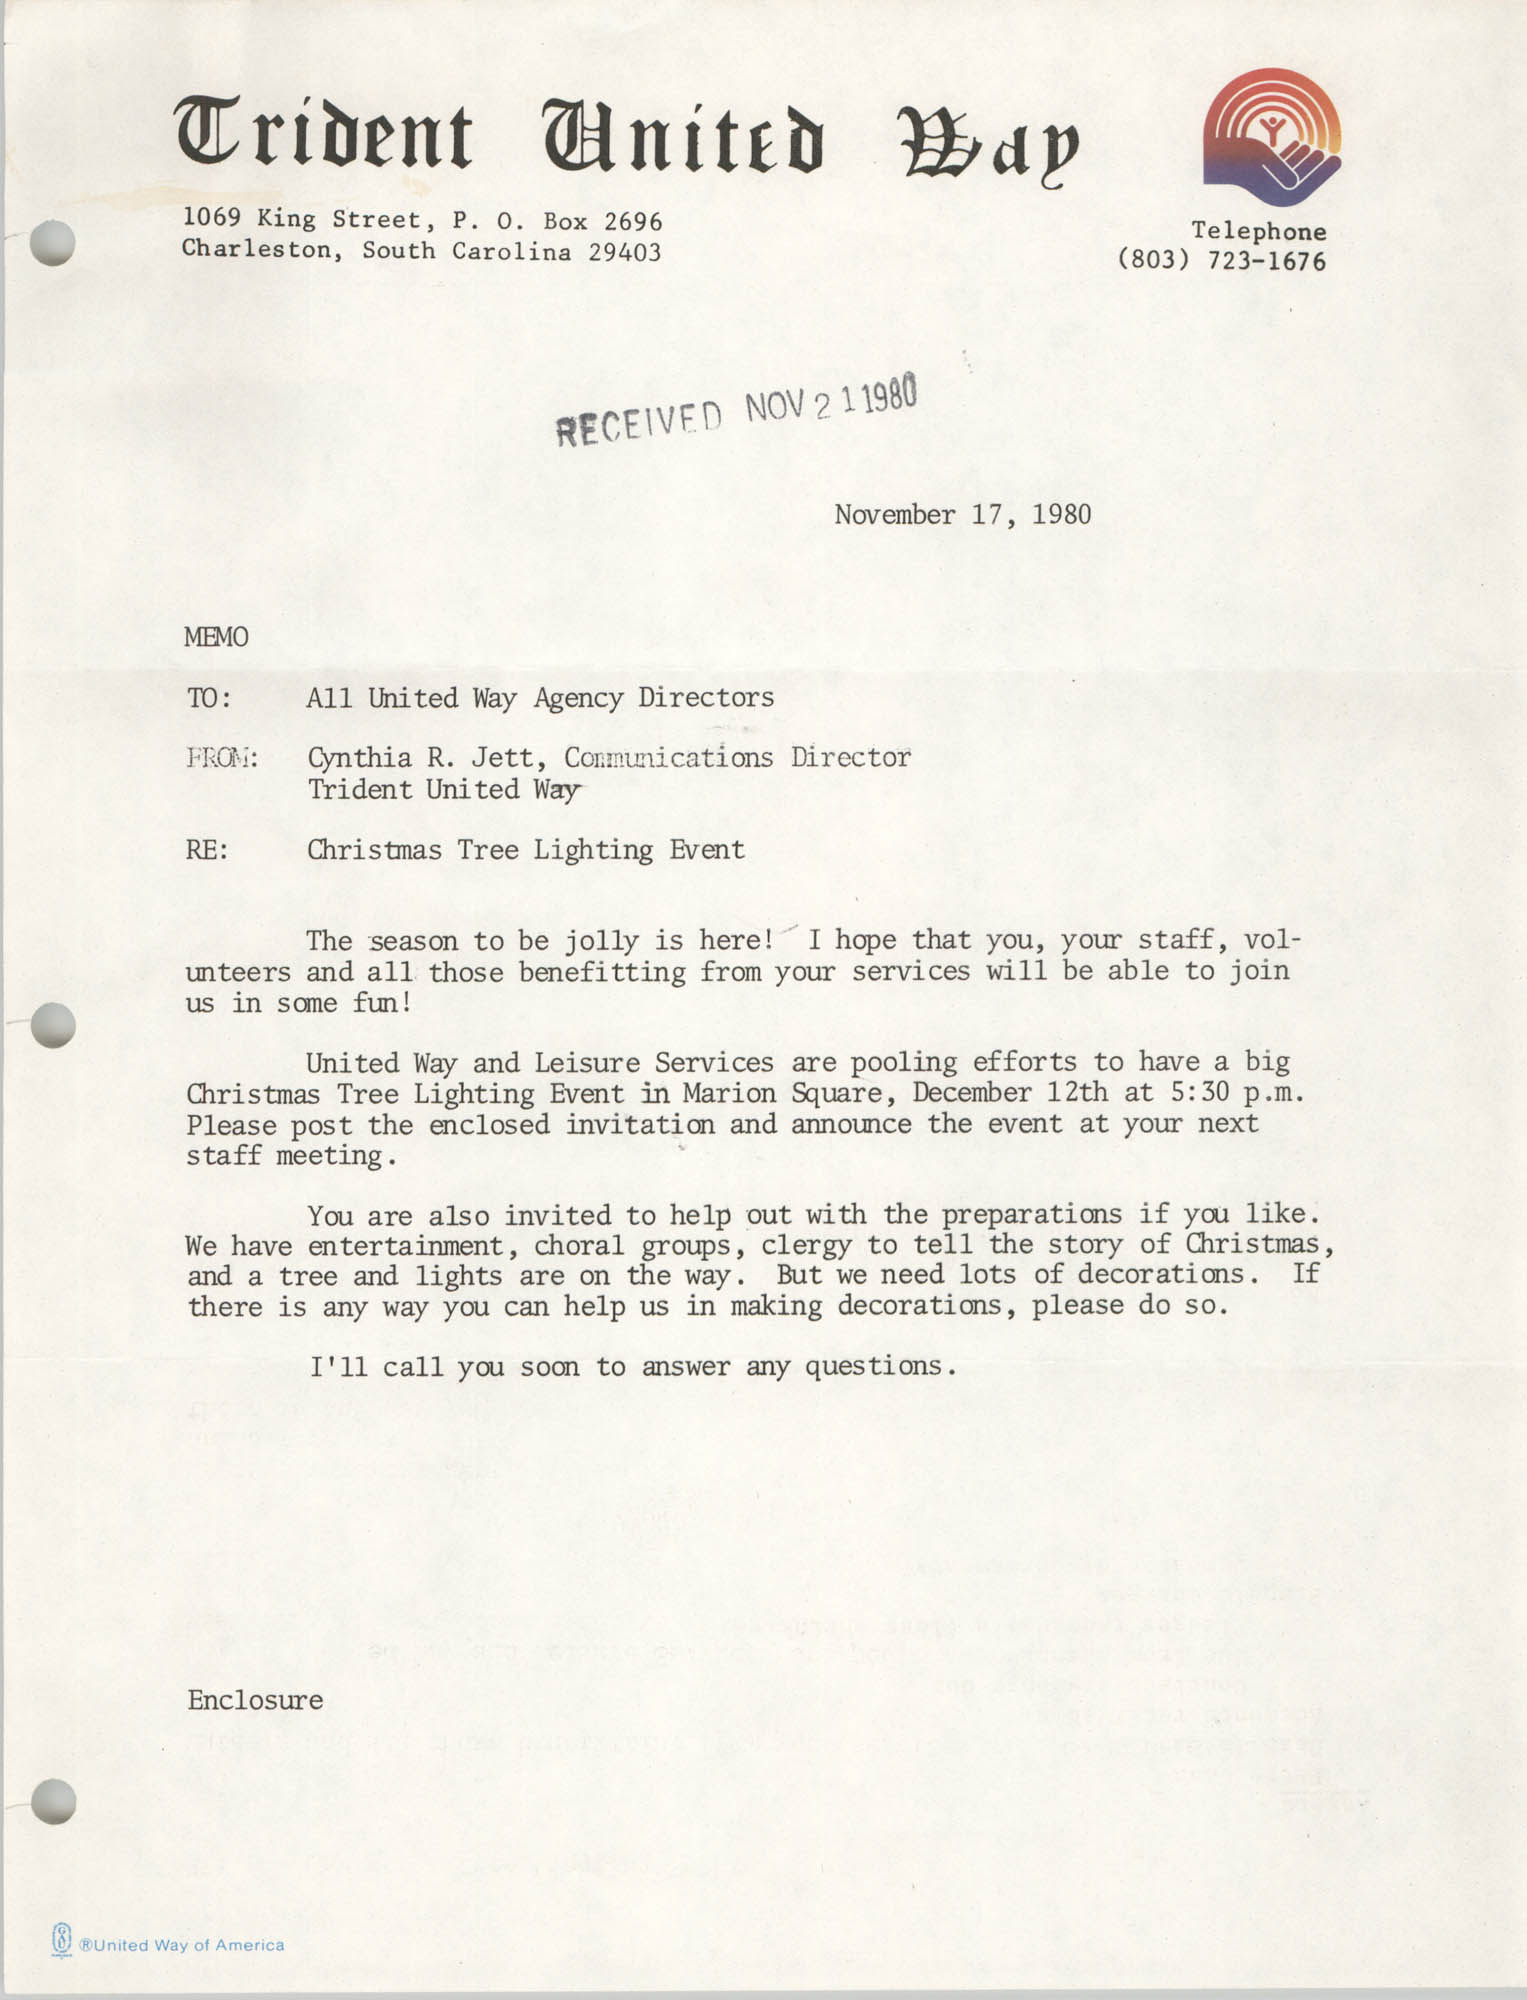 Trident United Way Memorandum, November 17, 1980